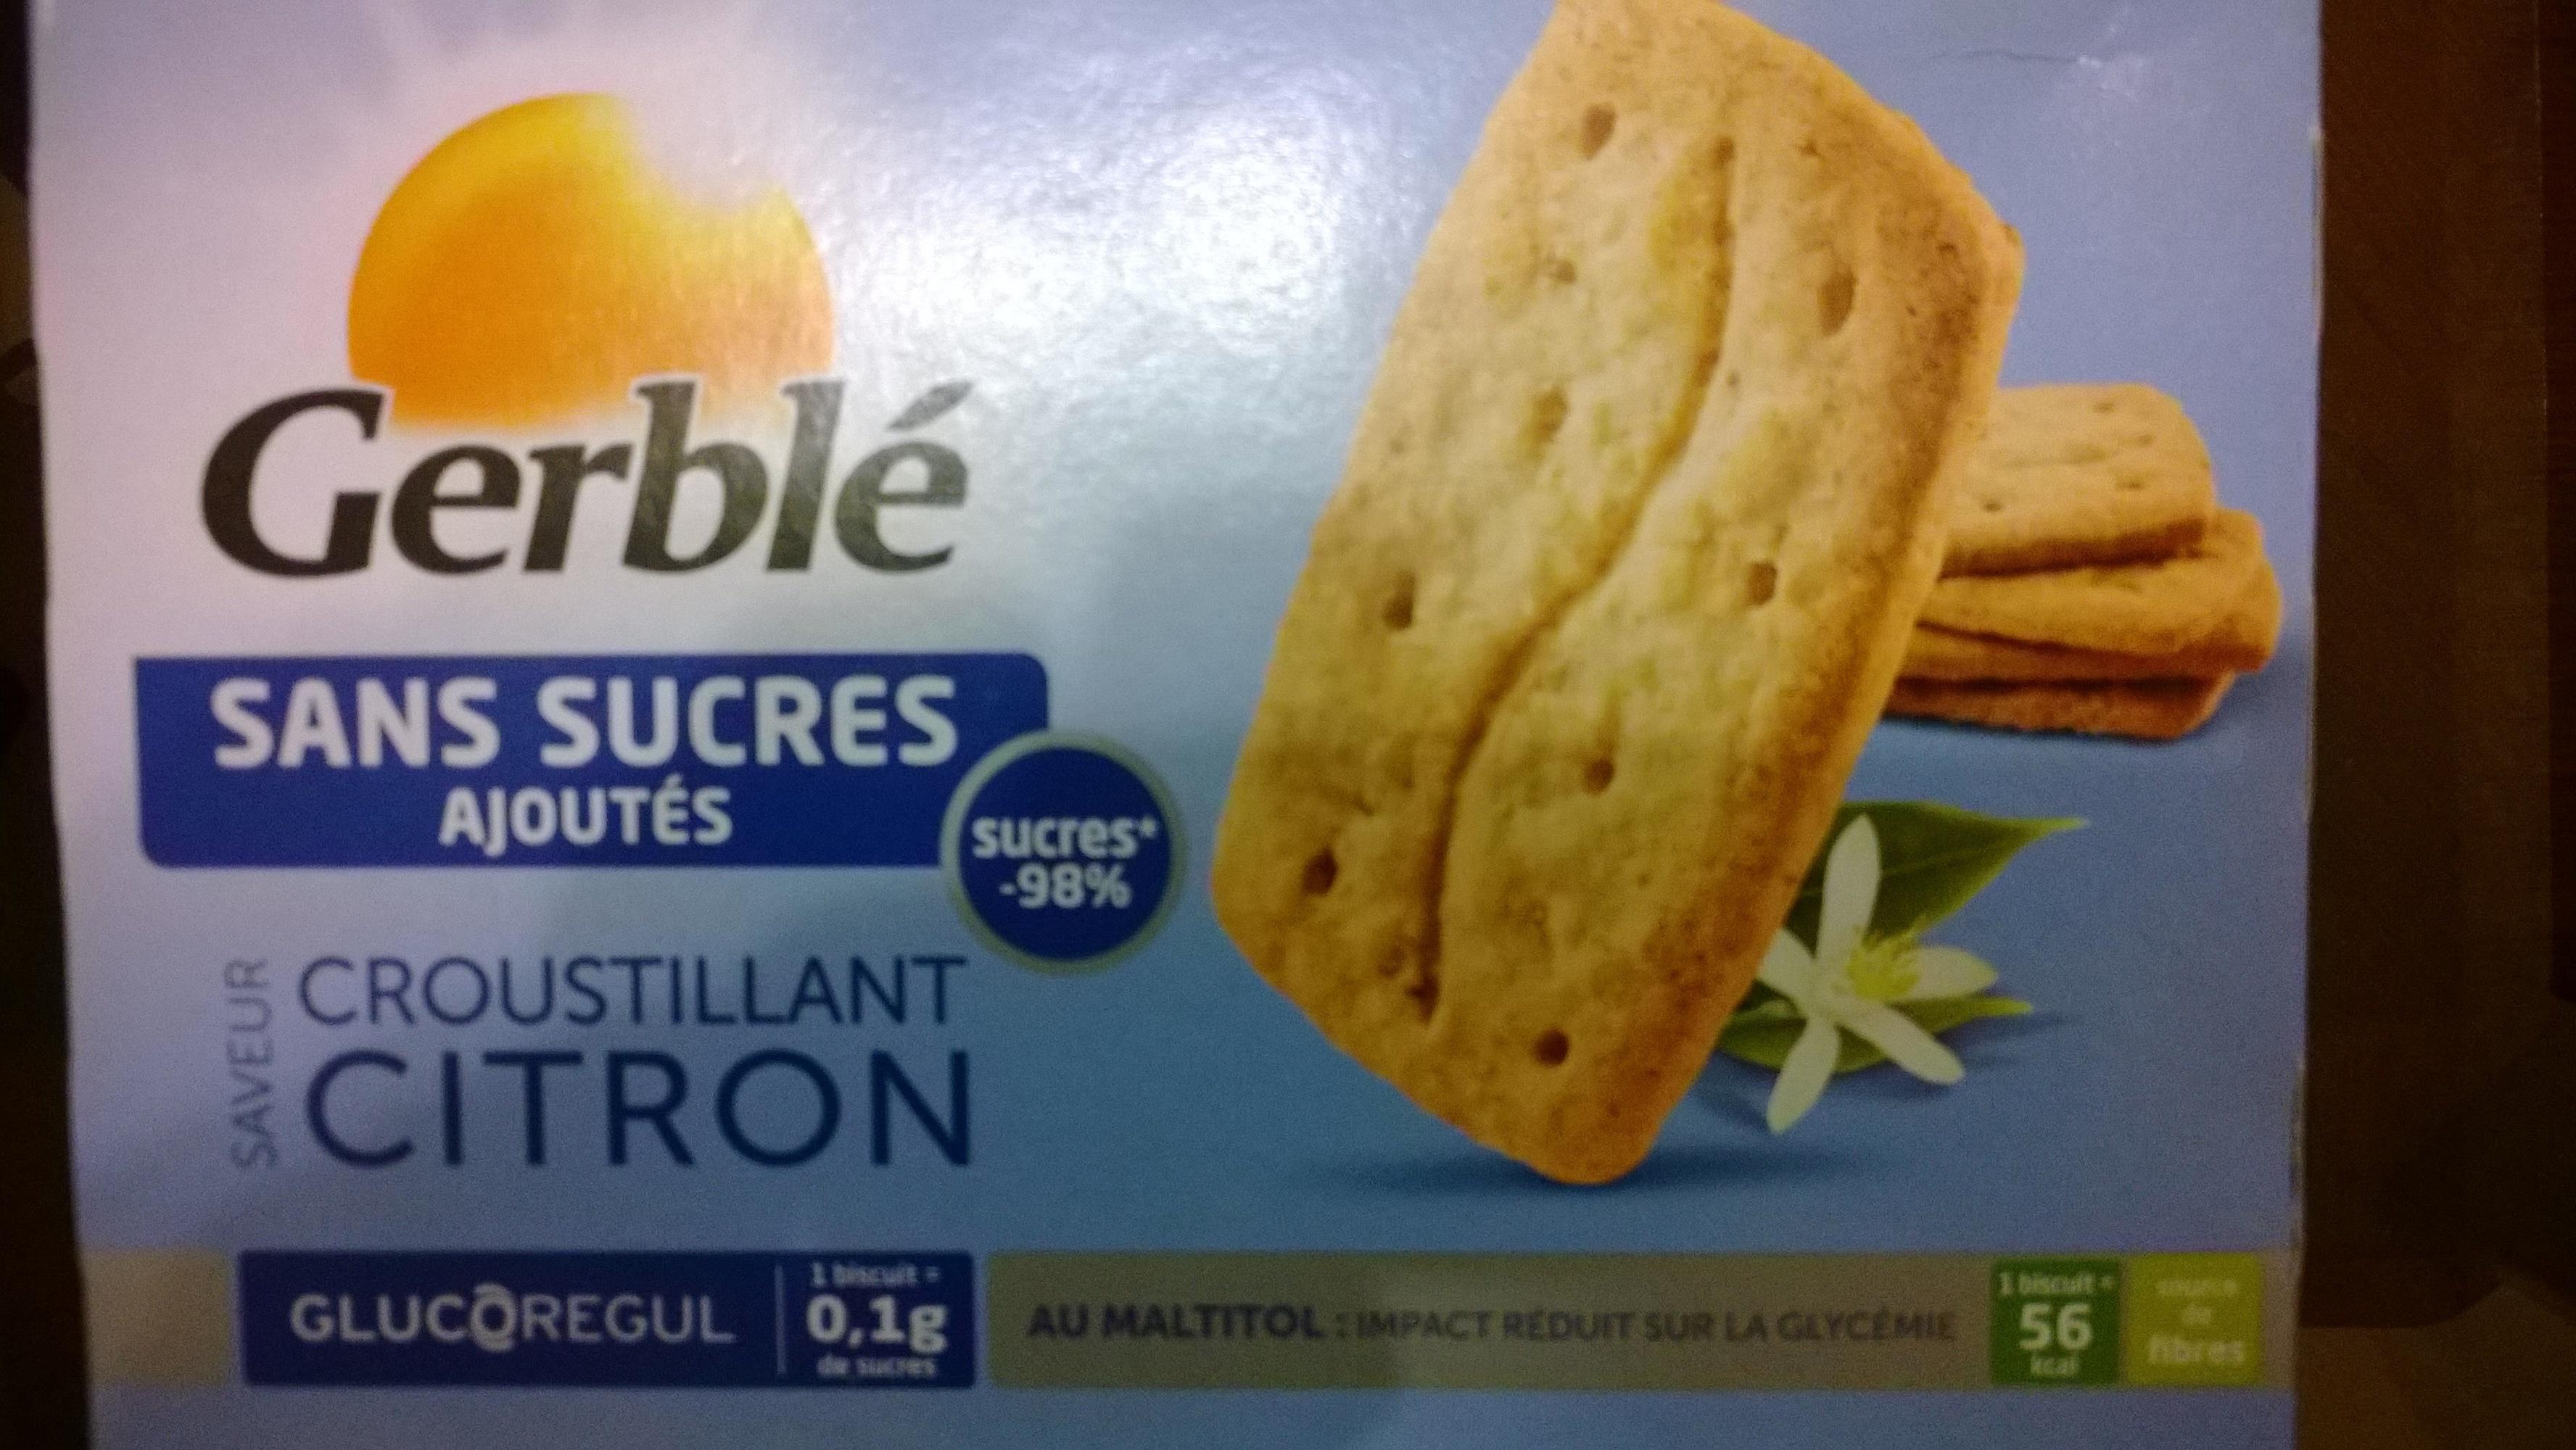 Gerblé croustillant citron - Produit - fr